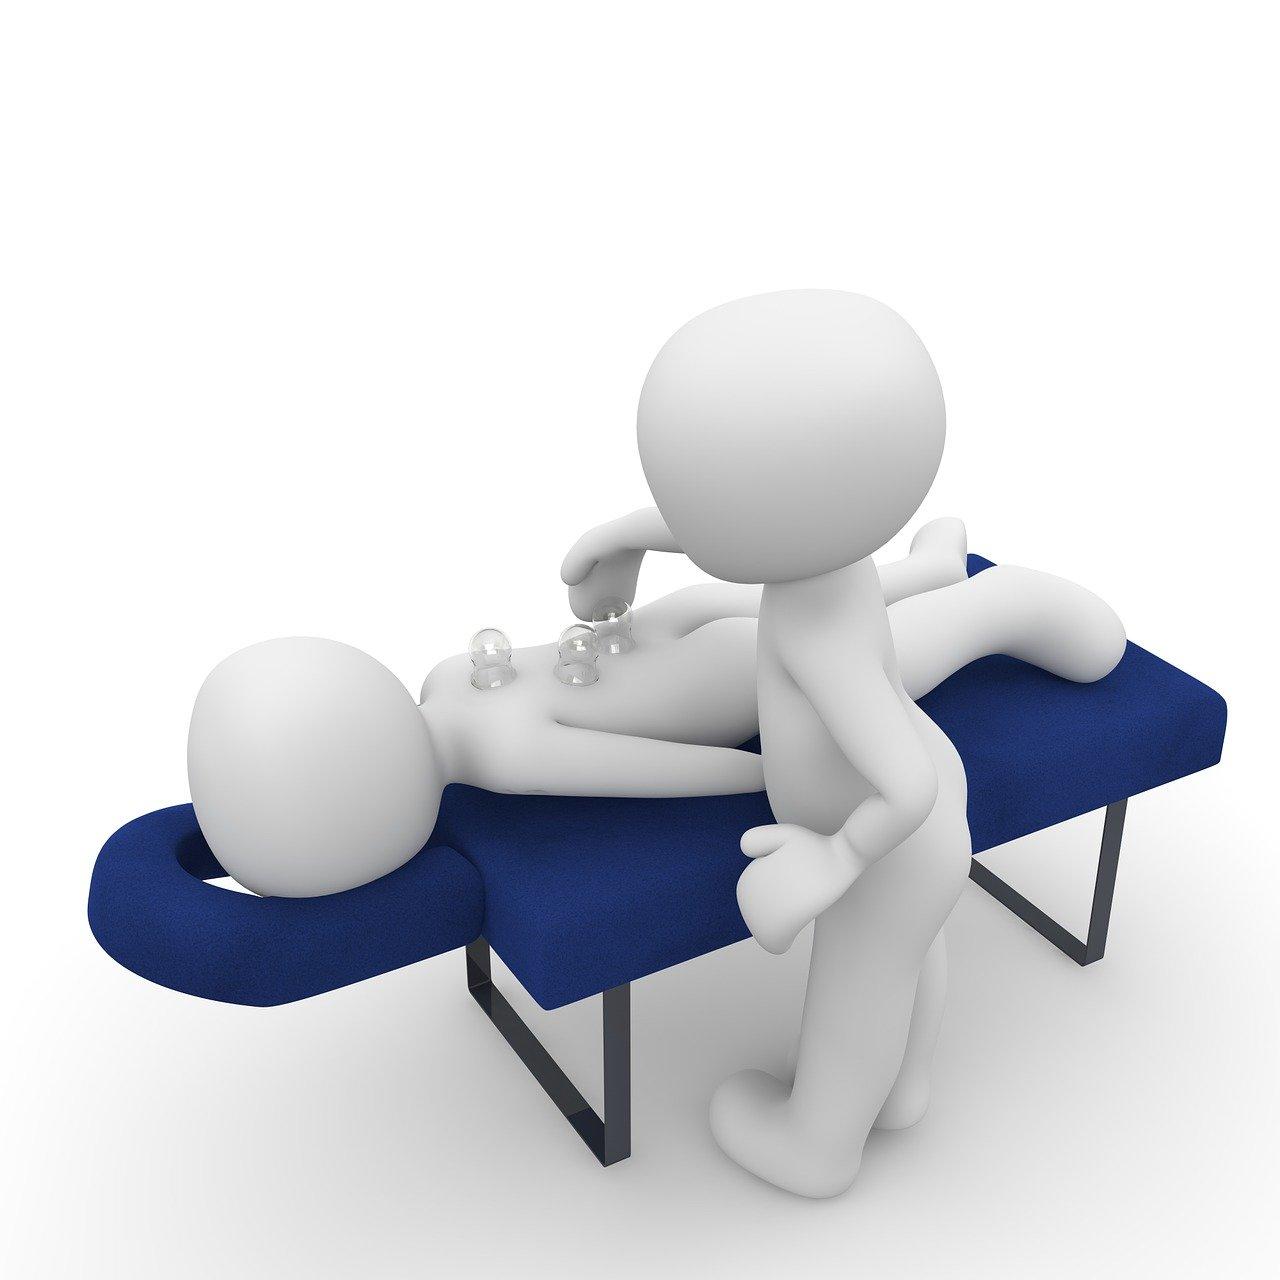 Heyden Fysiotherapie J vd behandeling fysiot